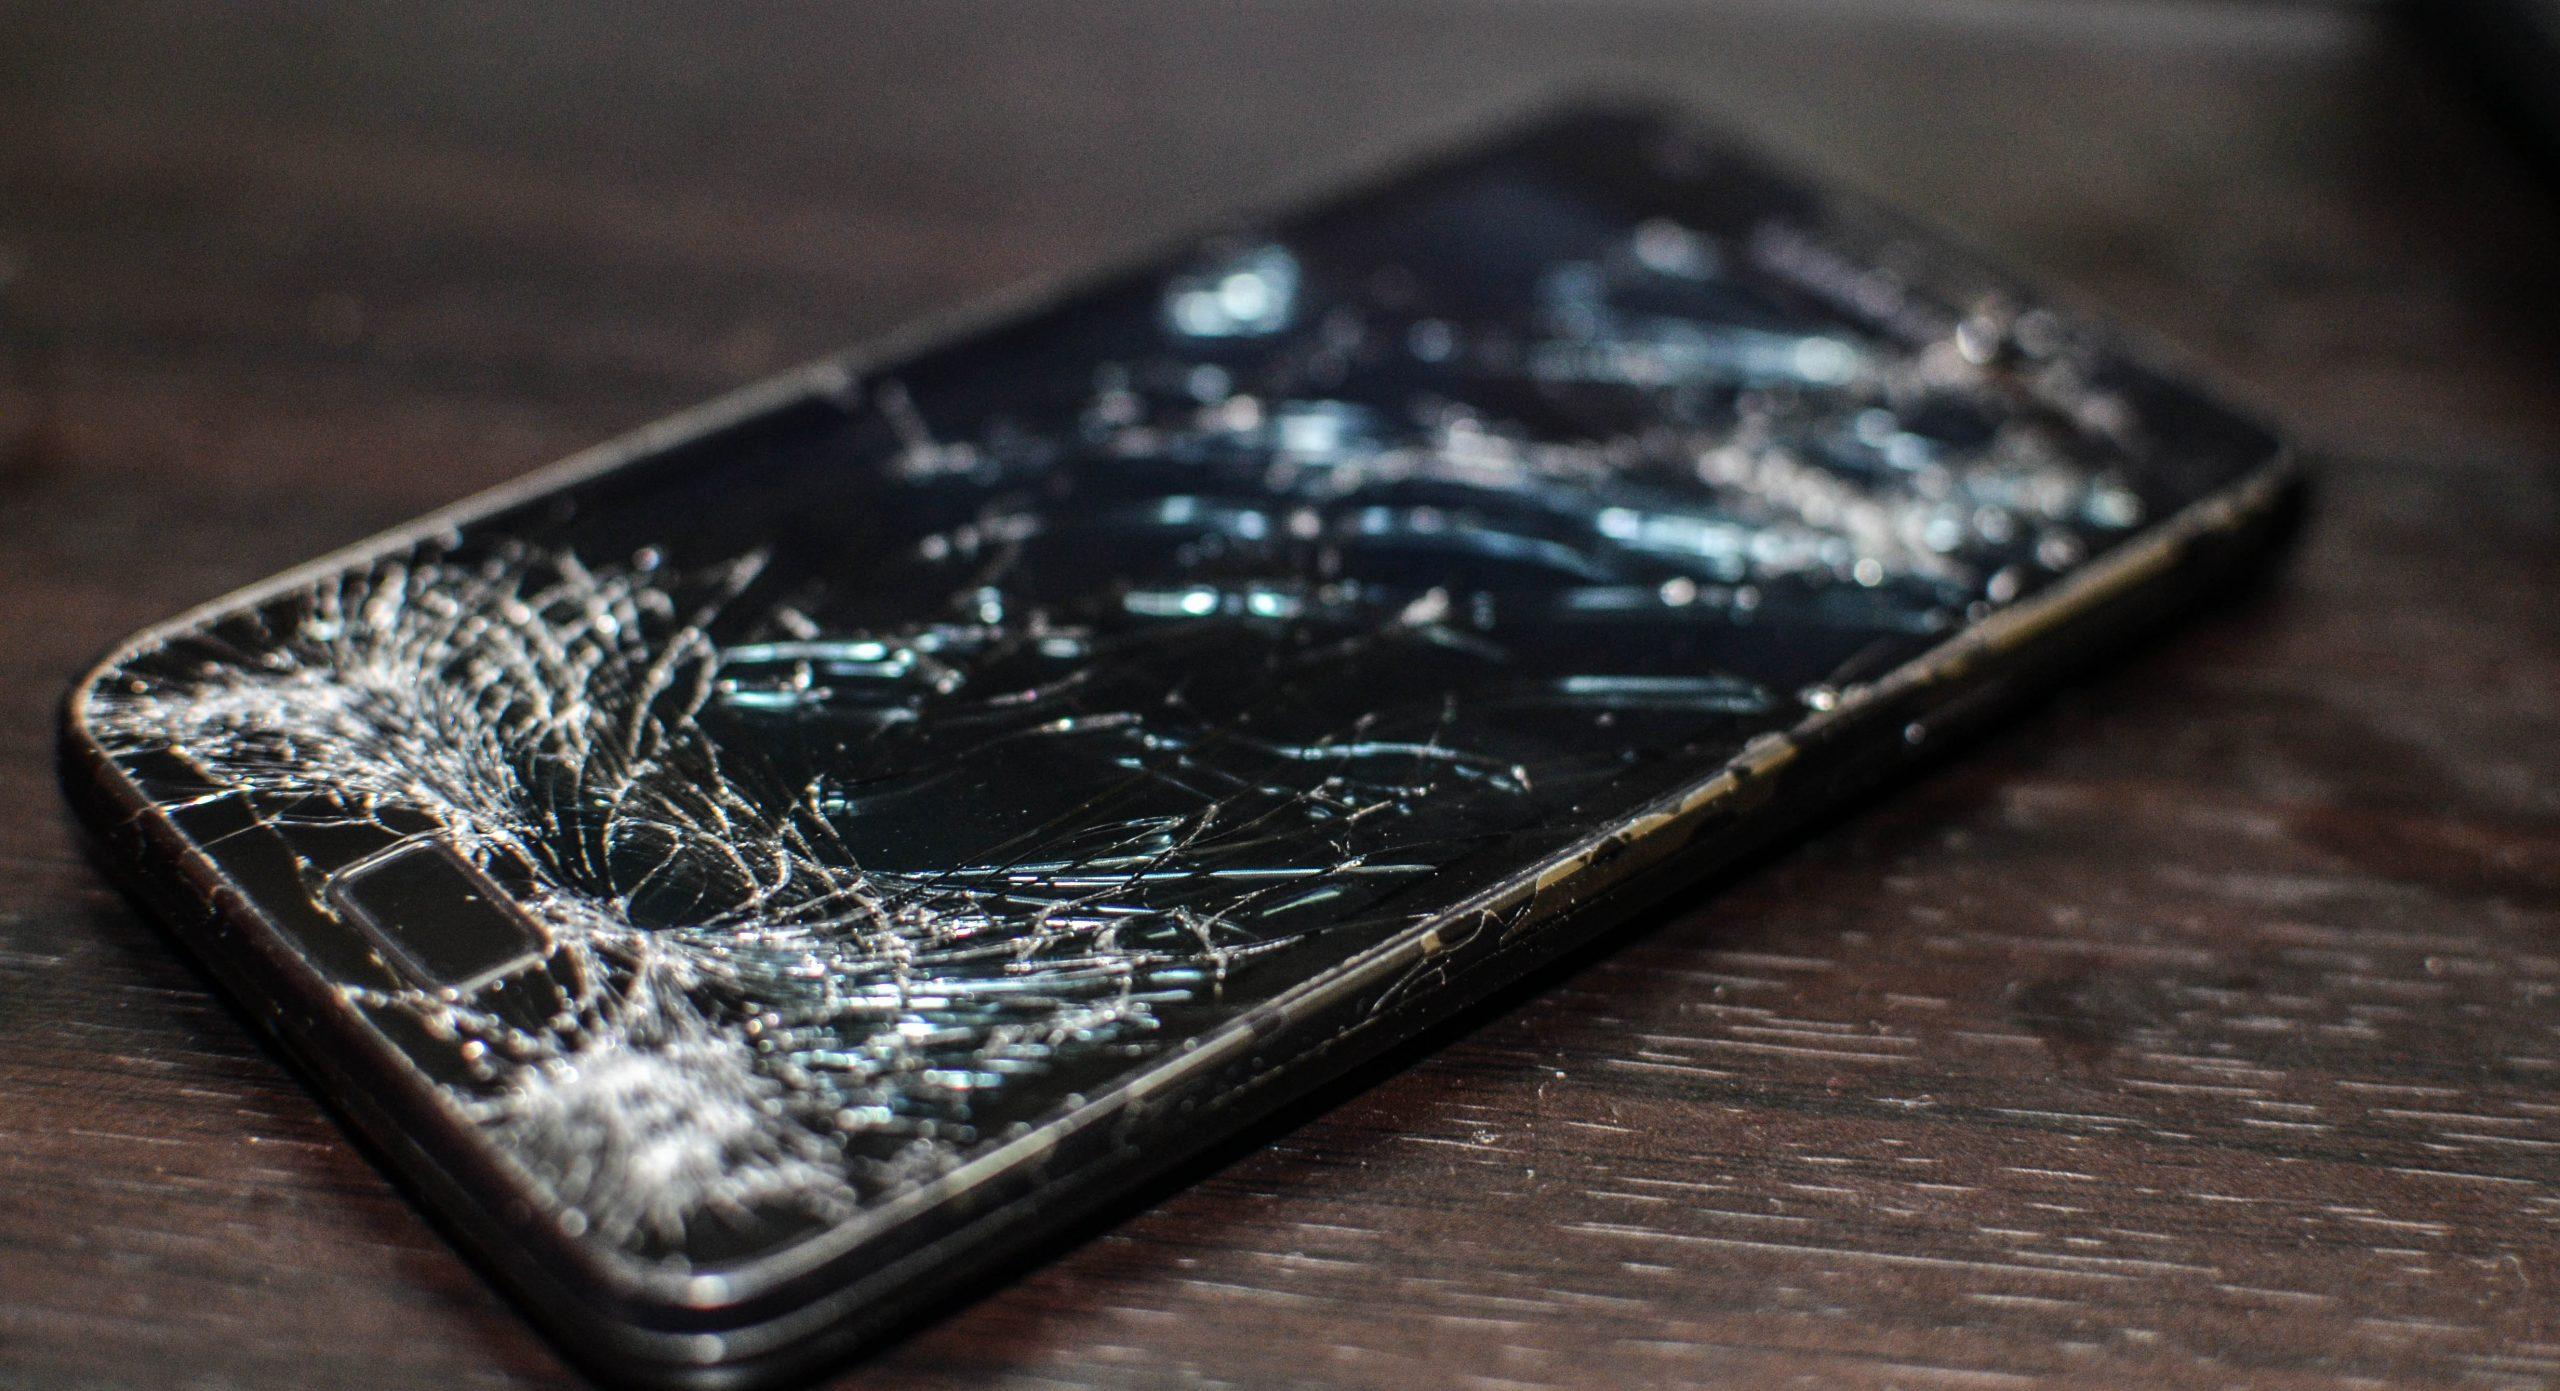 Điện thoại Samsung bị vỡ màn hình cần thay mới